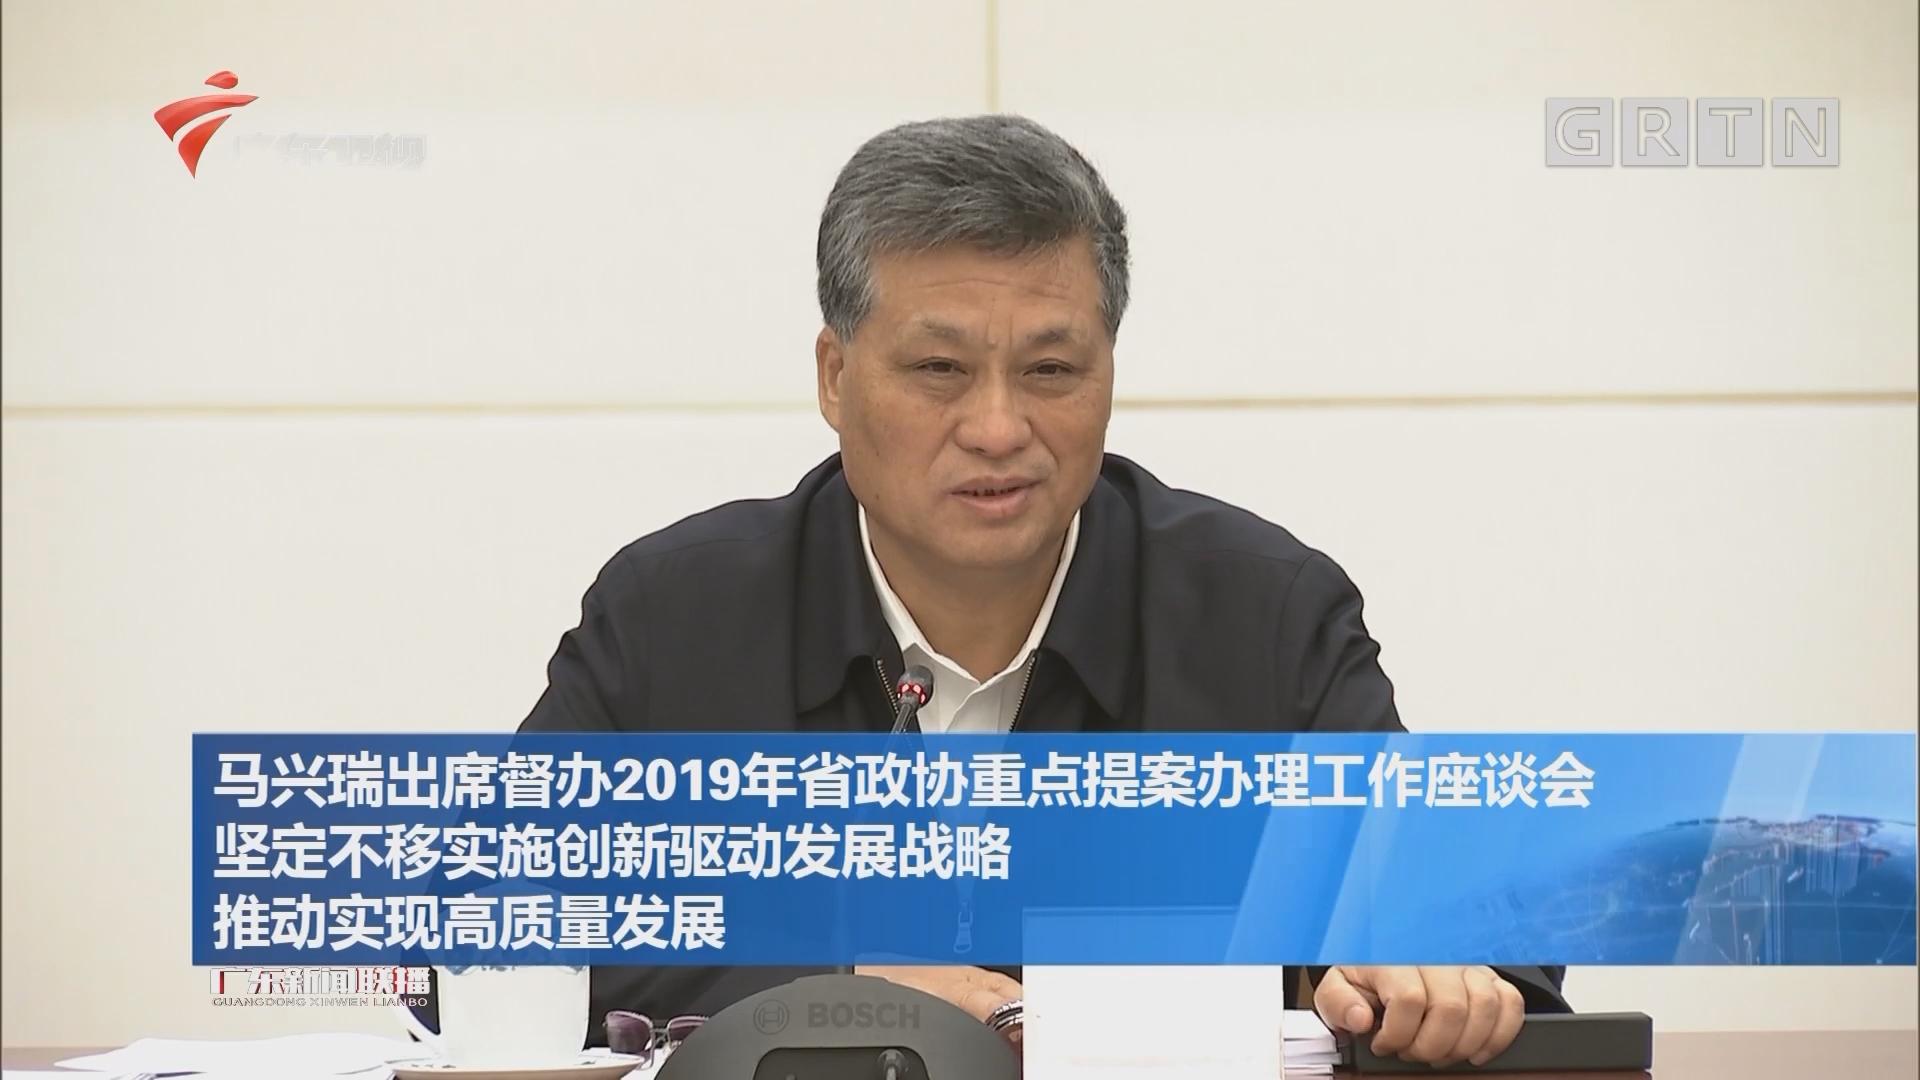 马兴瑞出席督办2019年省政协重点提案办理工作座谈会 坚定不移实施创新驱动发展战略 推动实现高质量发展